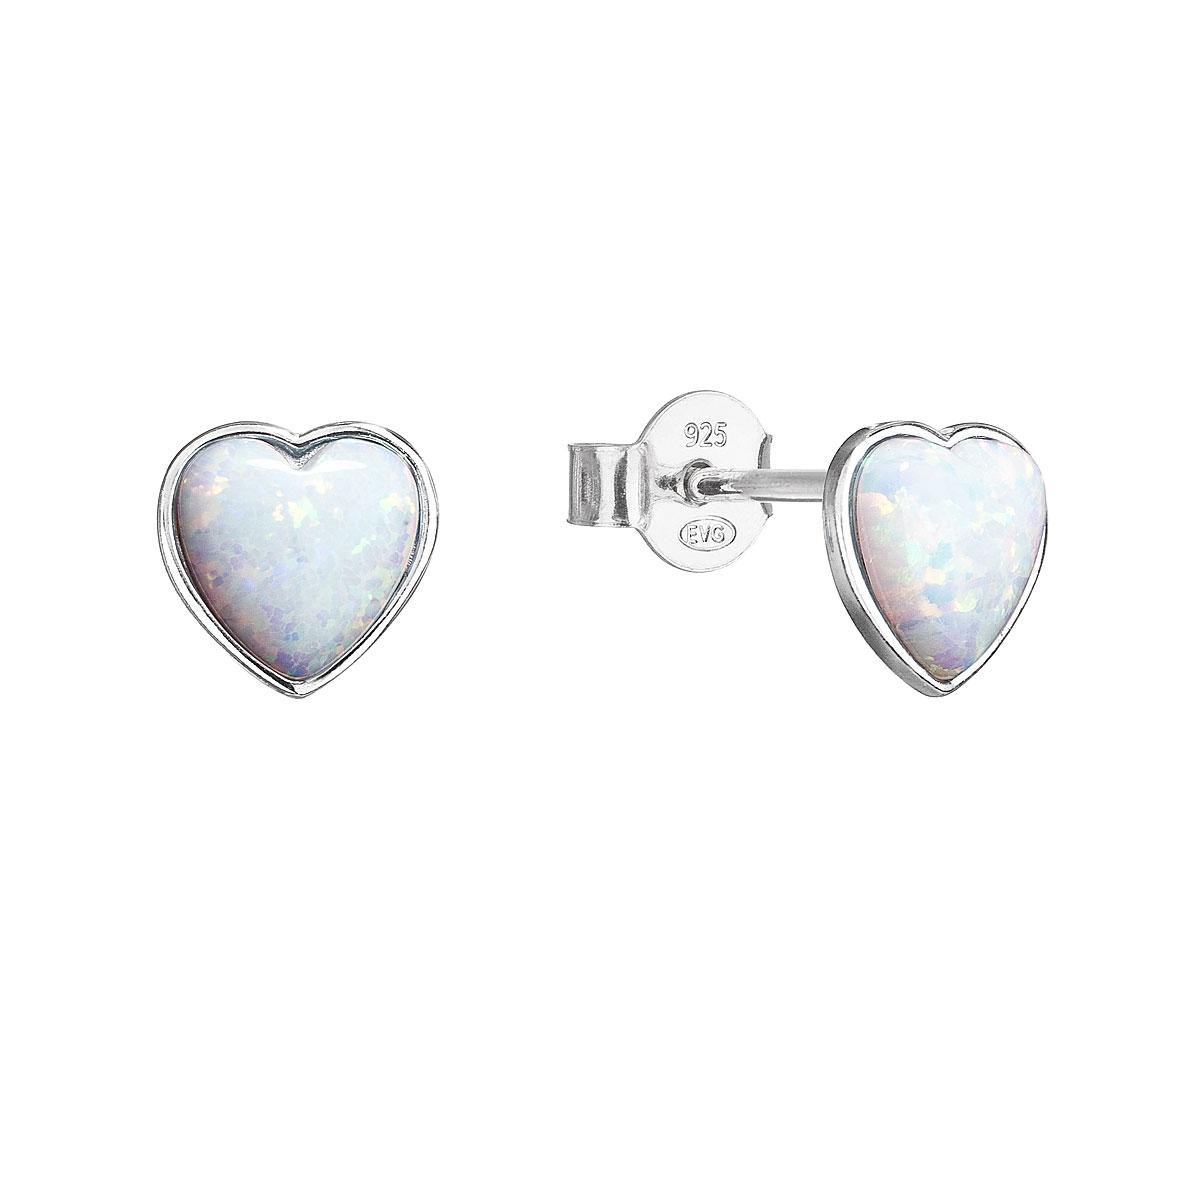 Strieborné náušnice perličky so syntetickým opálom biele srdce 11337.1